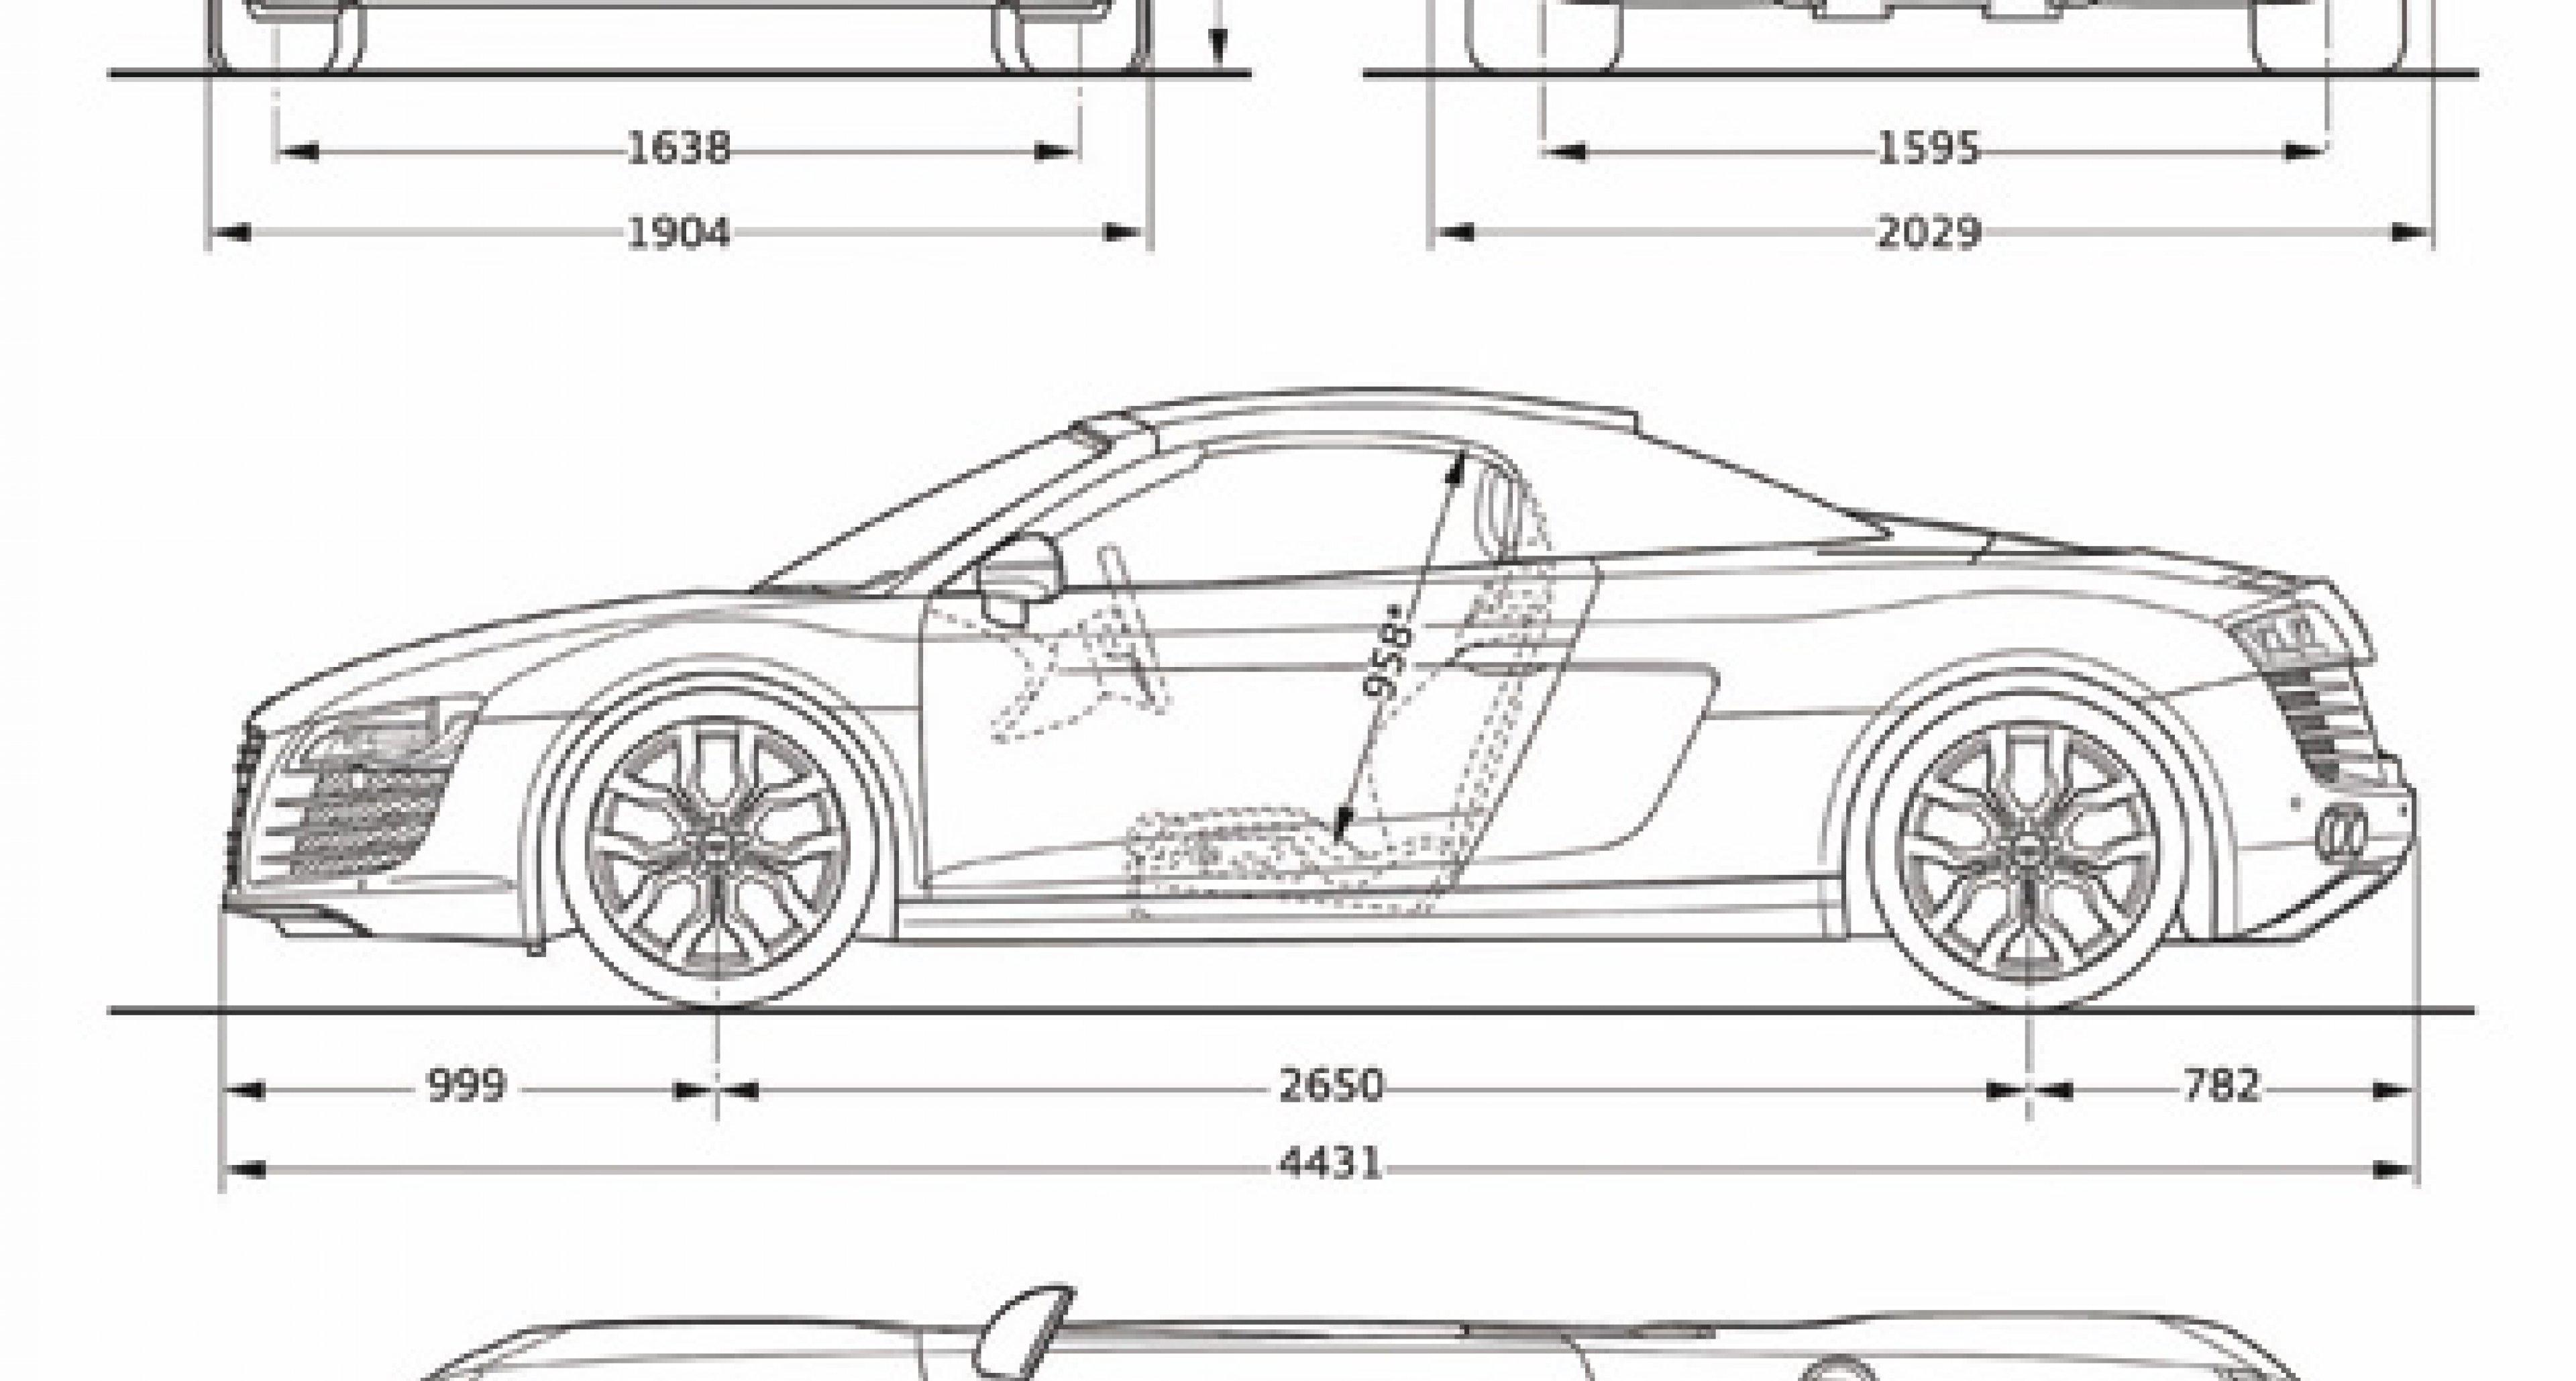 Audi R8 Spyder 4.2 FSI quattro: Überraschender Verkaufsstart